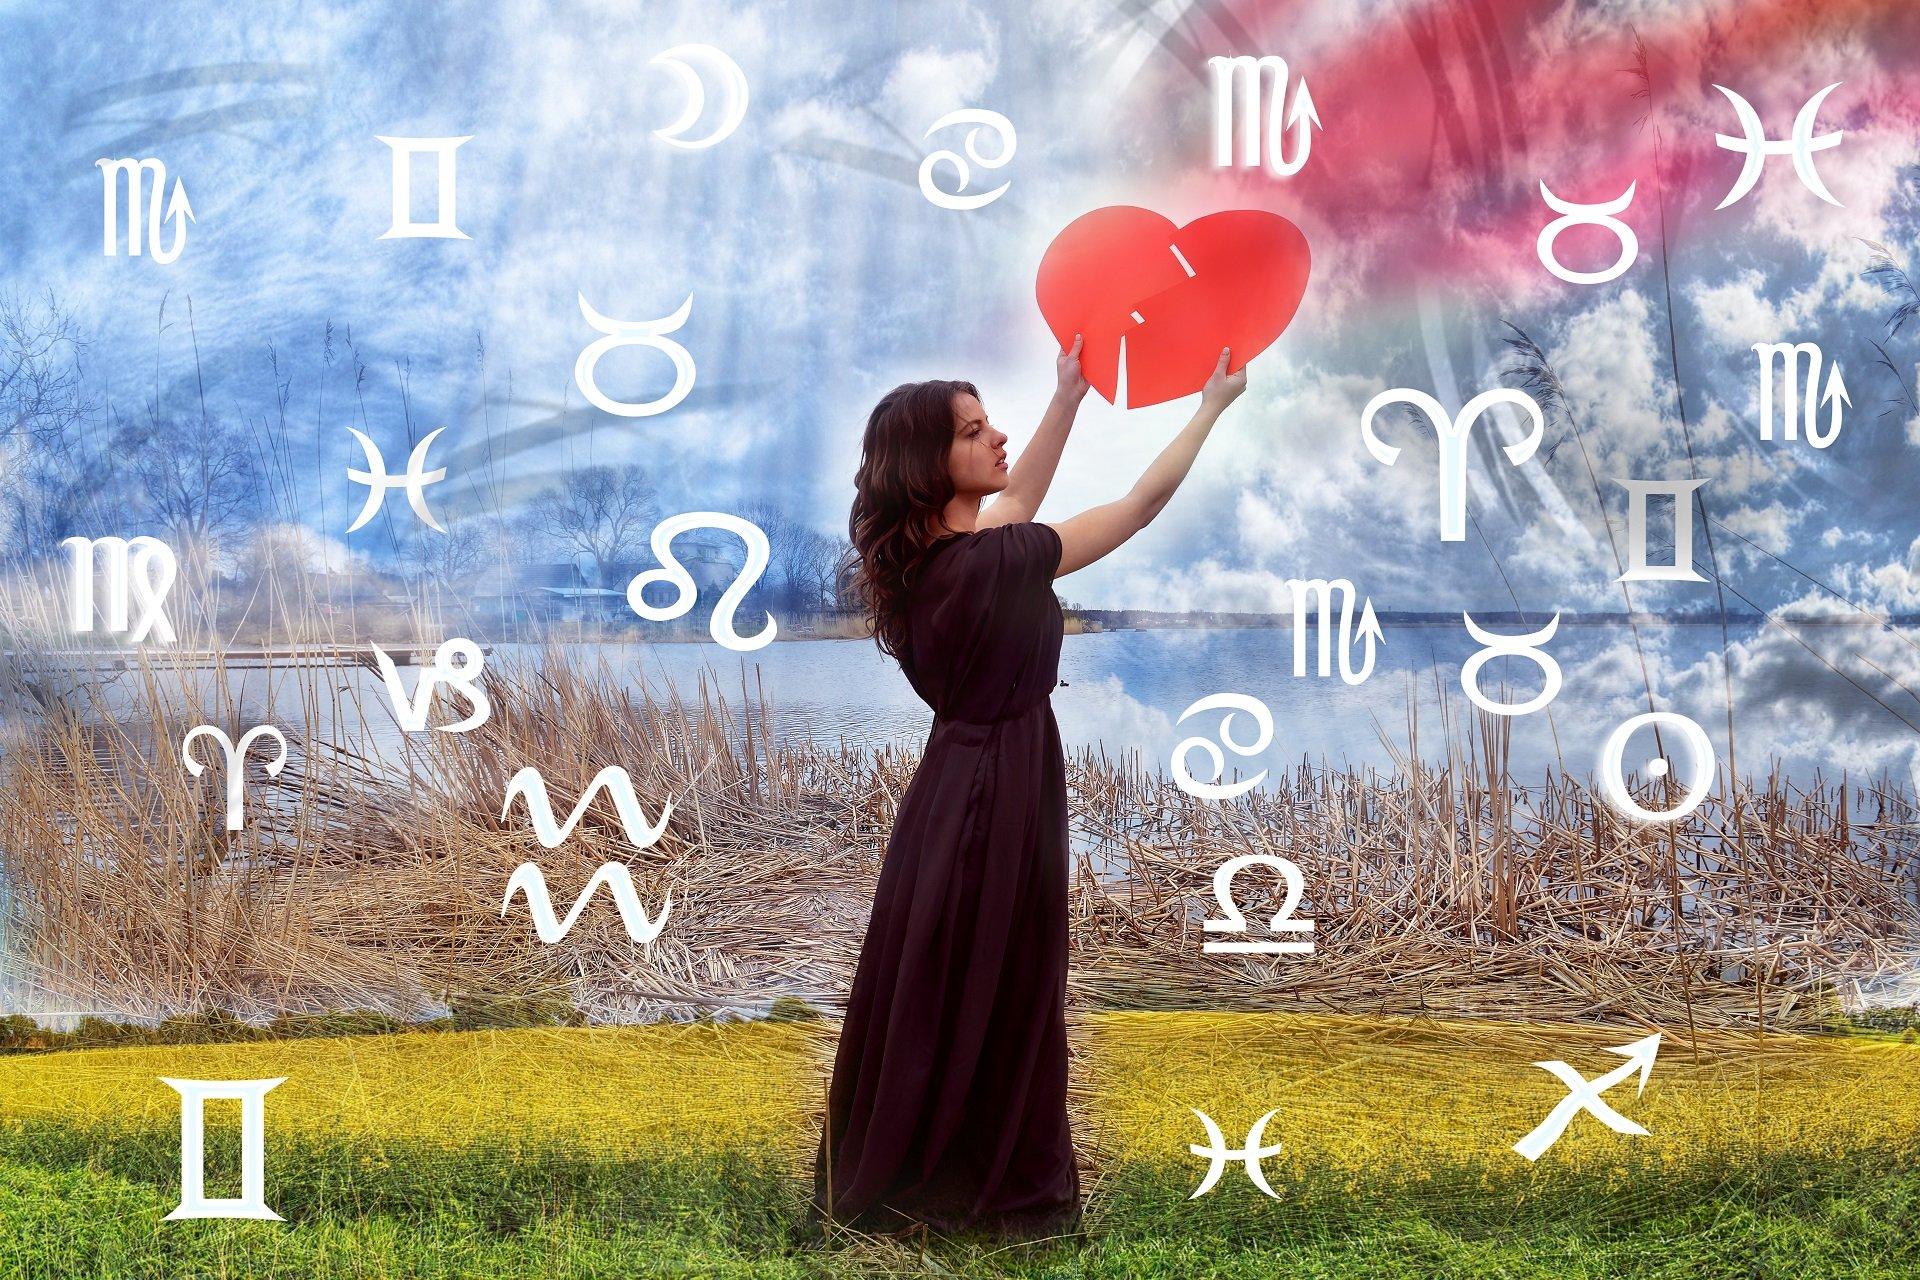 Buscando el amor entre los signos || Fuente: Shutterstock